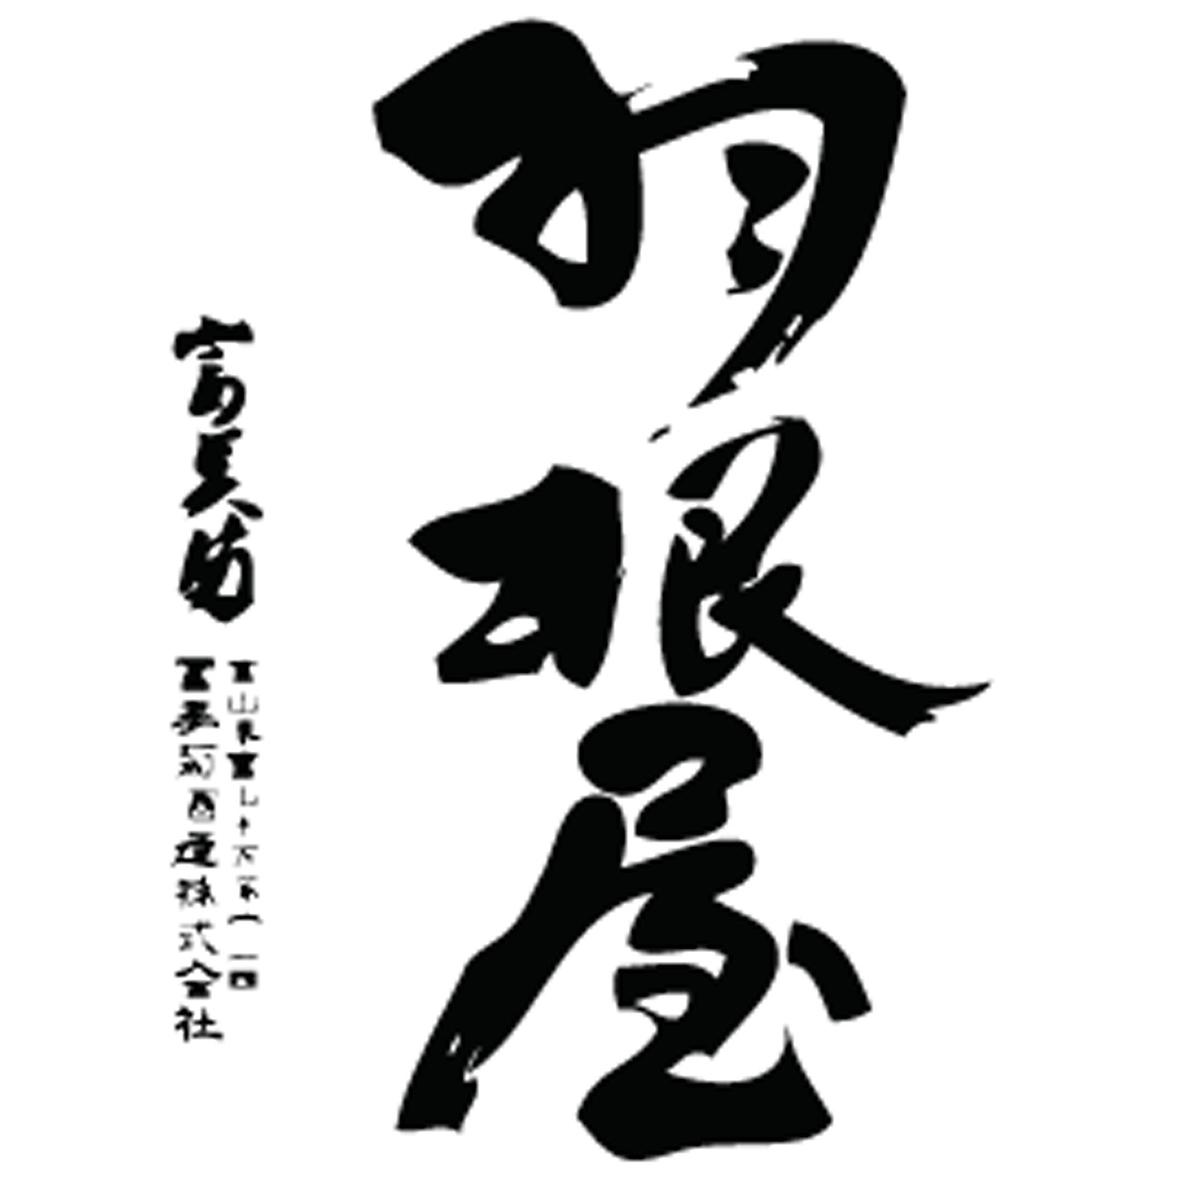 羽根屋 순미 대 음양 날개 (도야마 현)